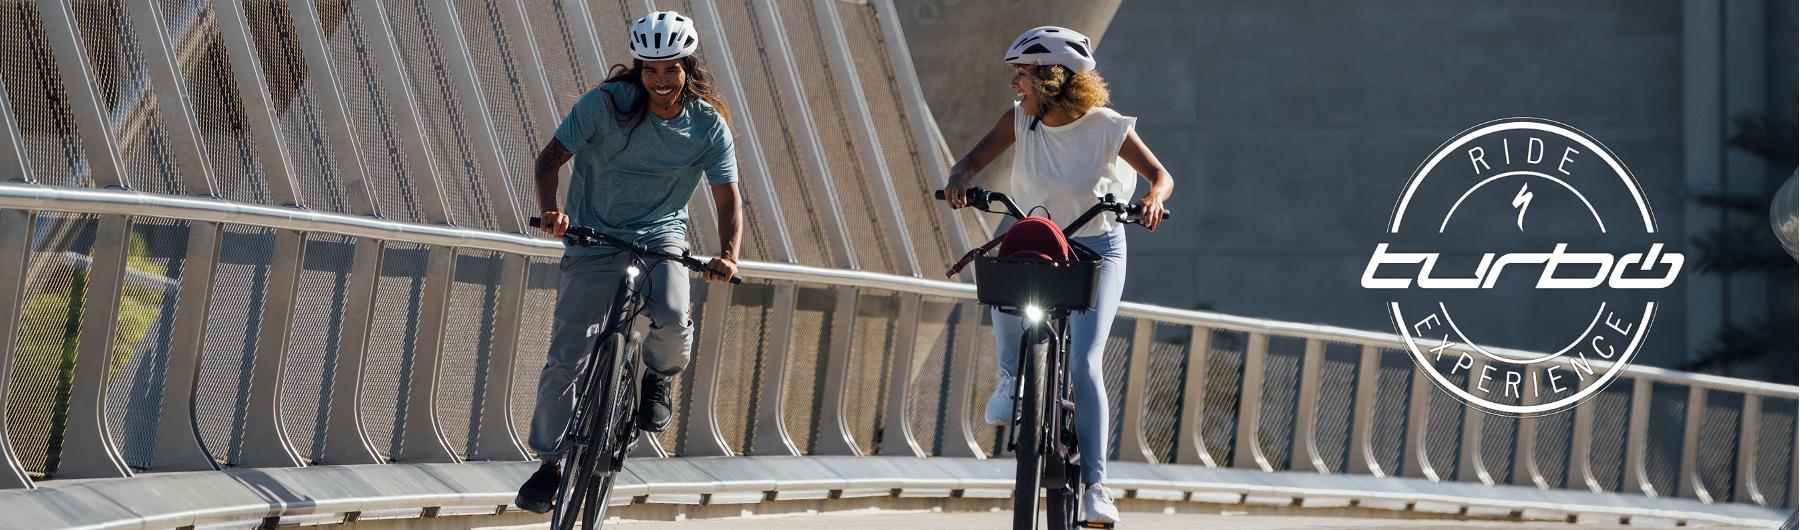 Specialized e-Bike Ride Experience - Porth Eirias